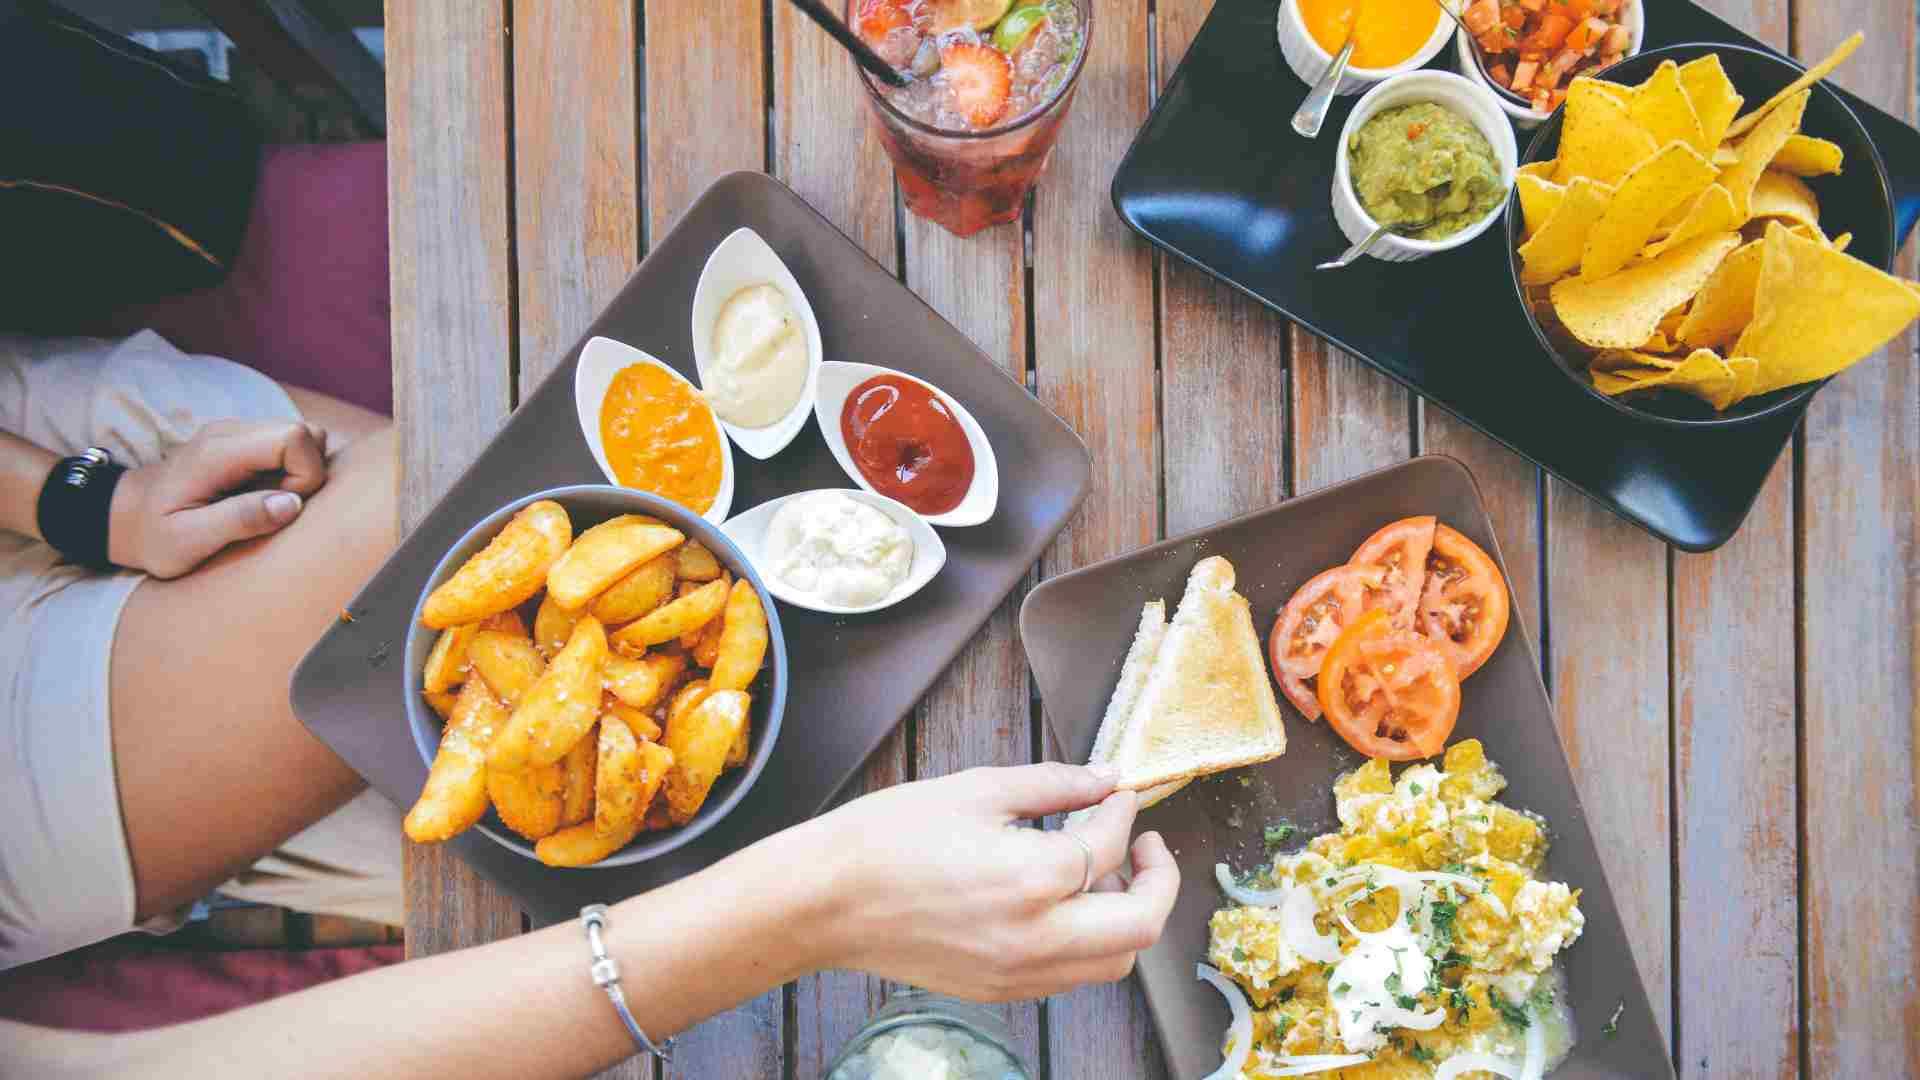 Comida food service para bares y restaurantes